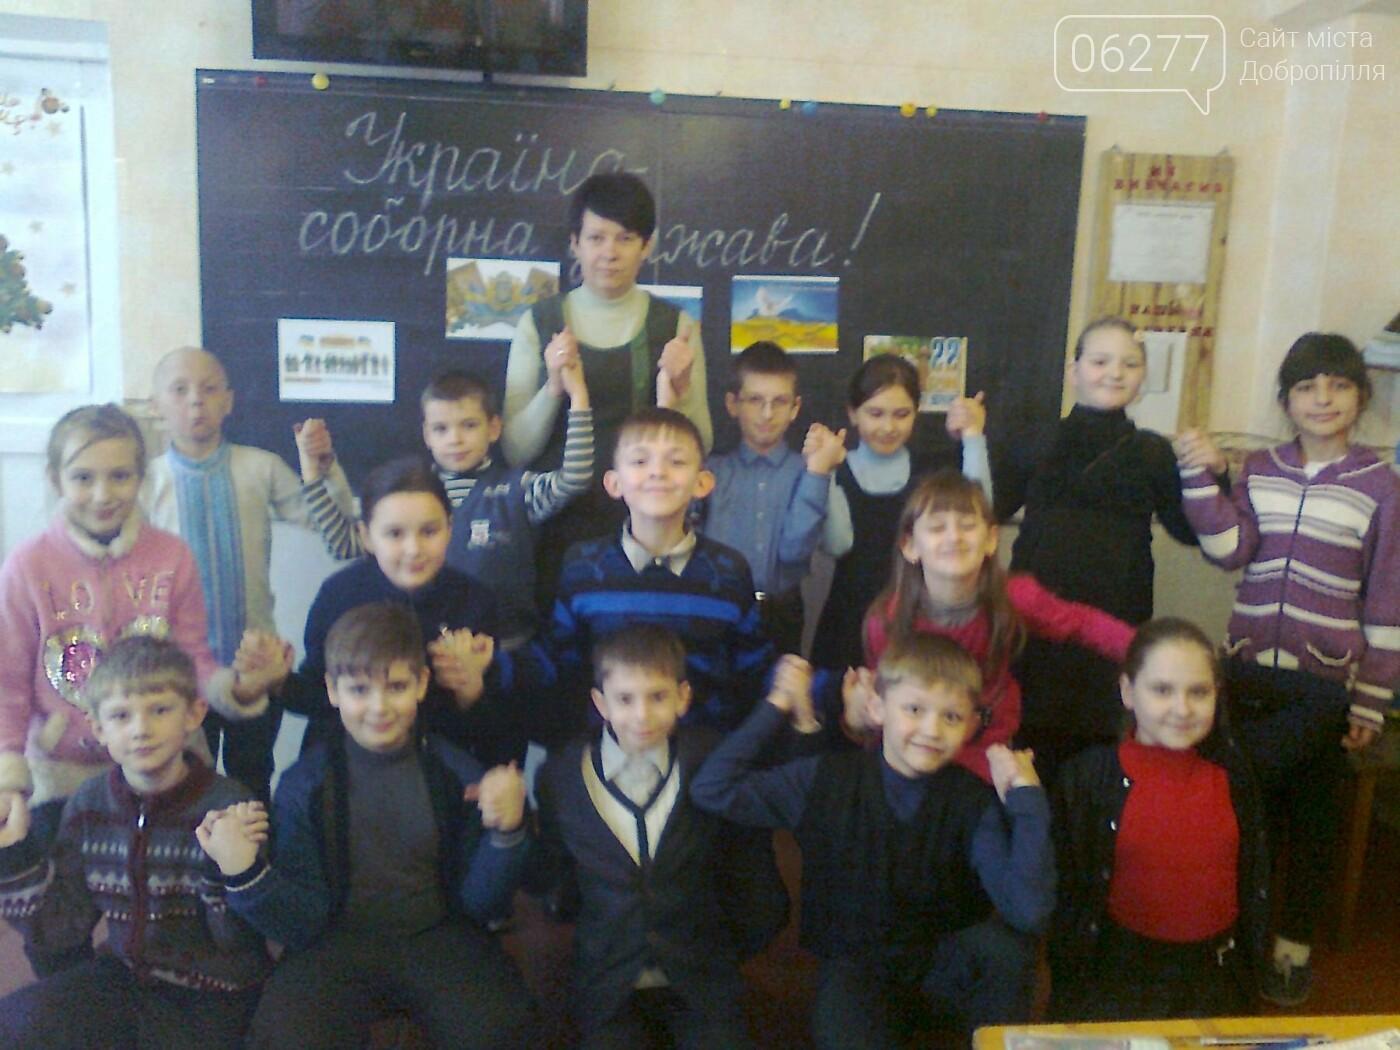 У Добропіллі пройшов флешмоб «Моя держава зростає в любові і єдності», фото-4